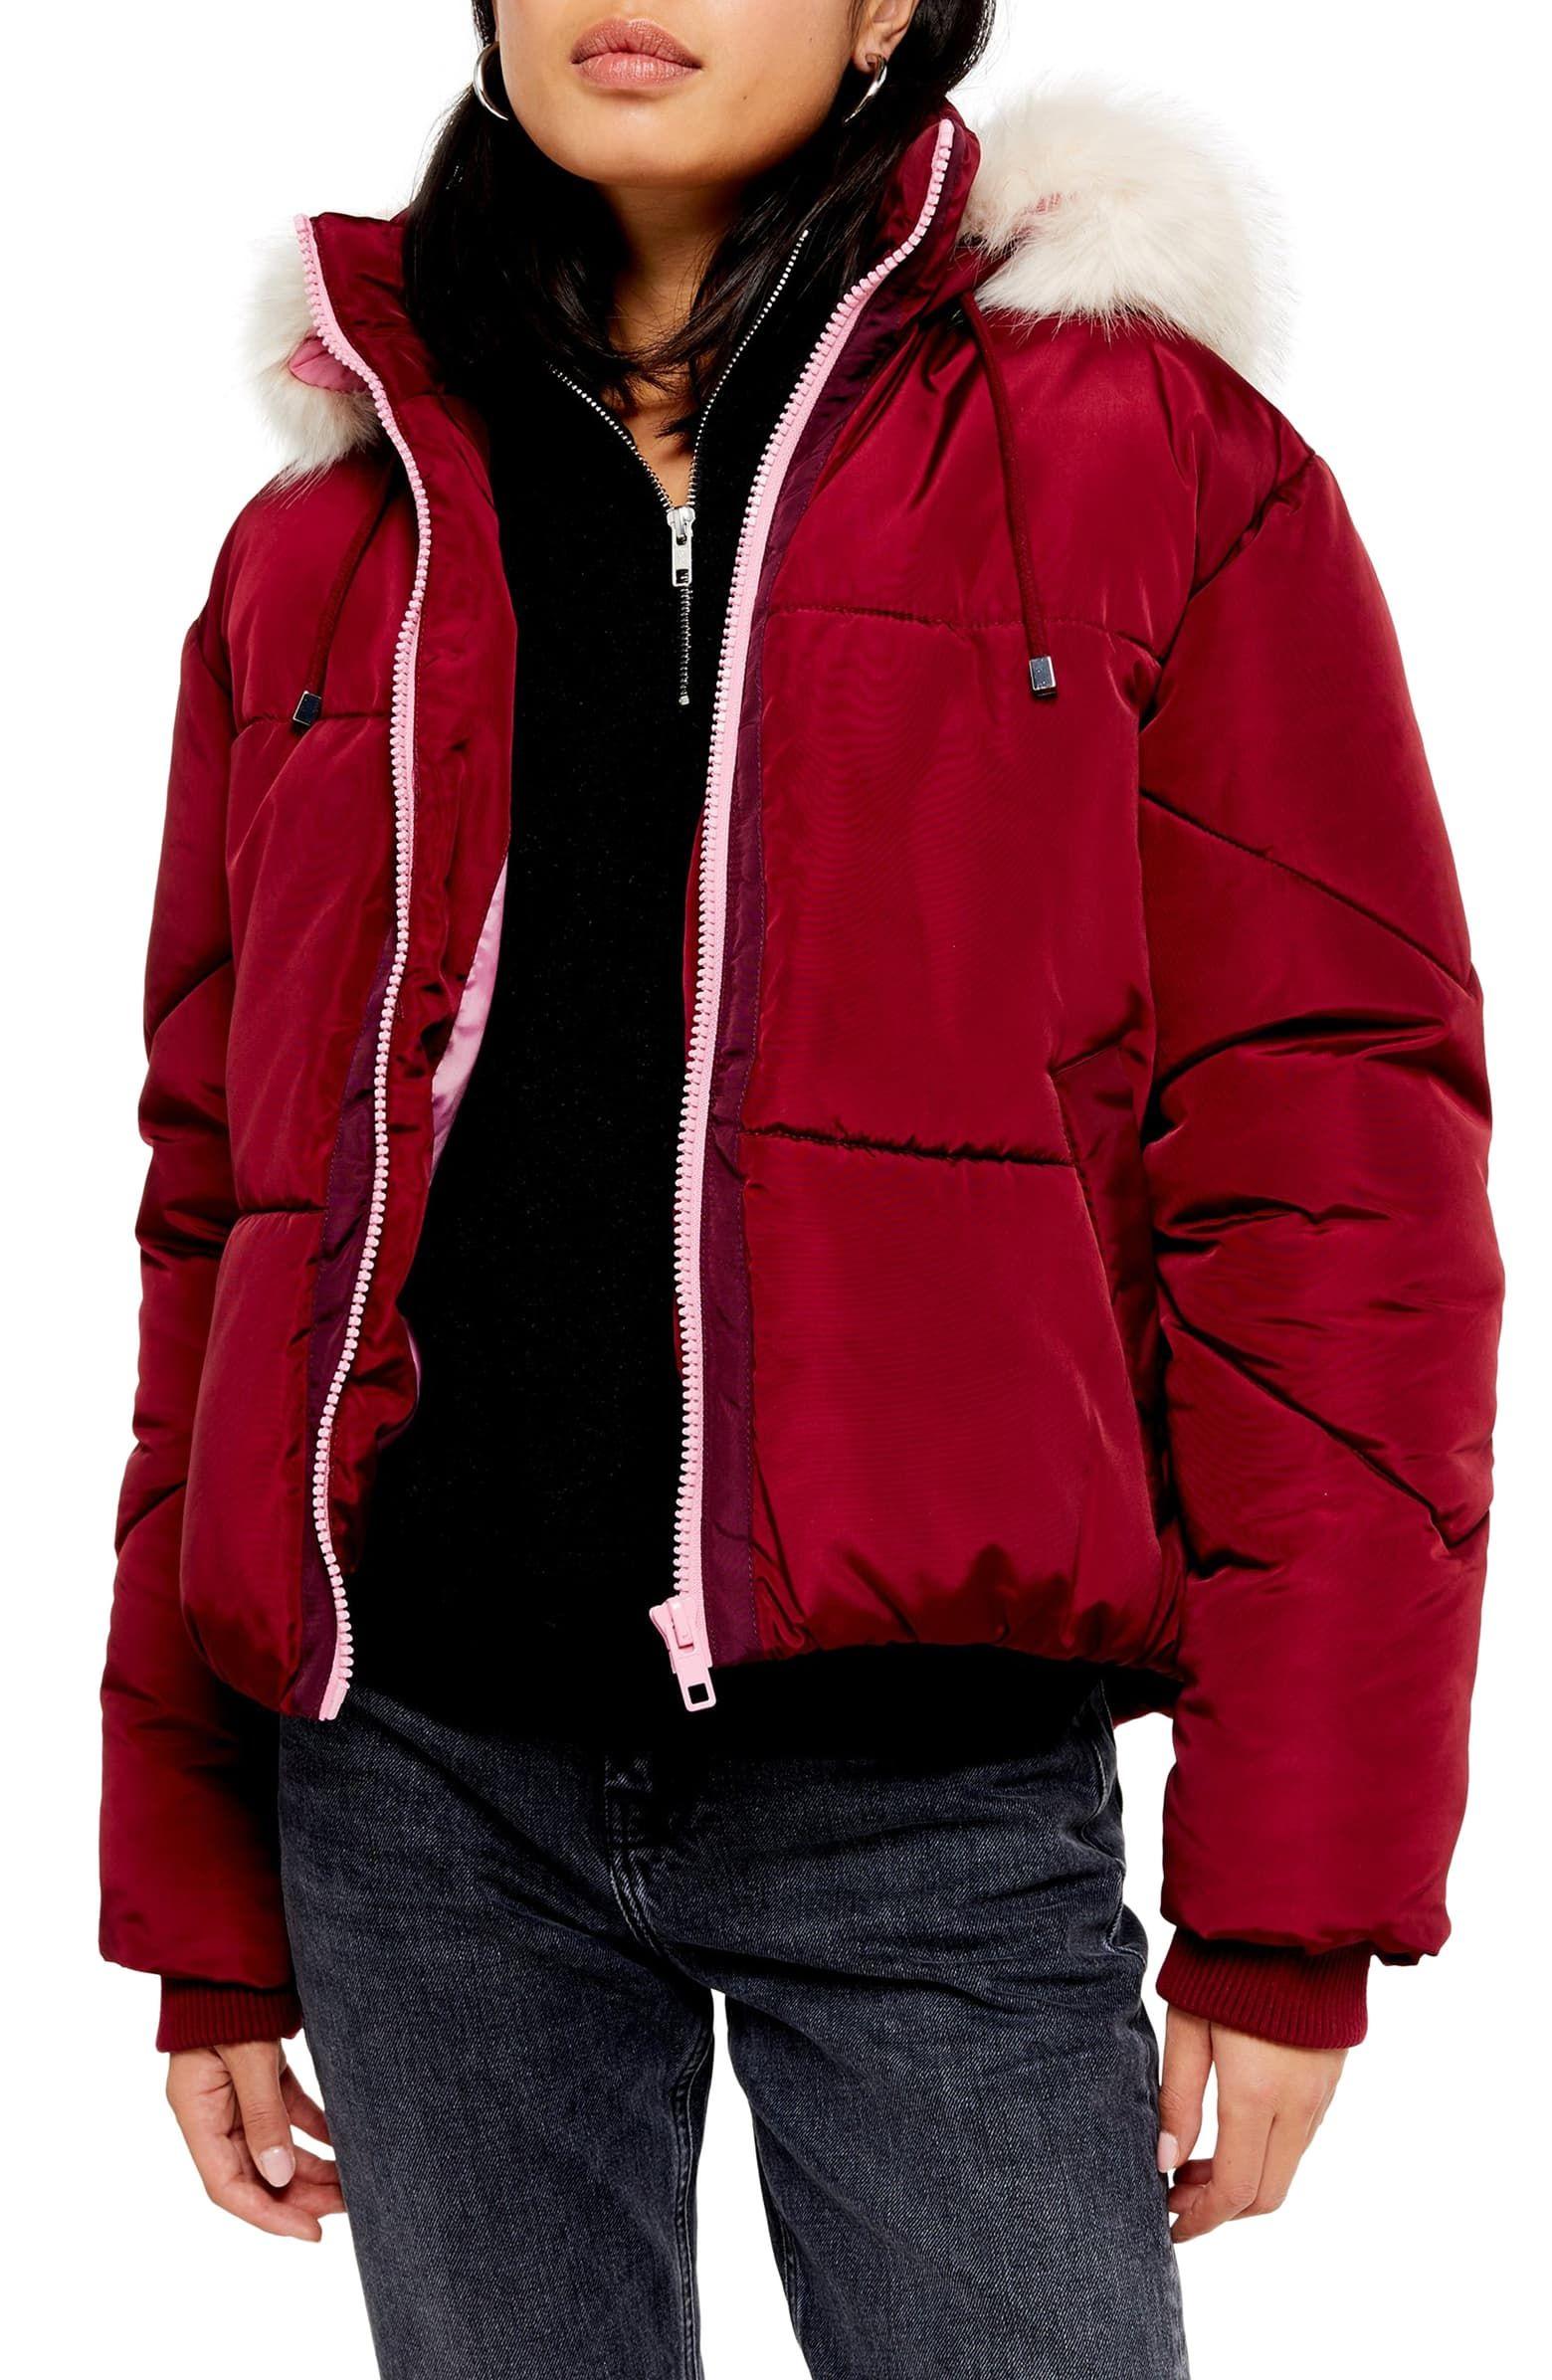 Fur Leather Jacket Topshop